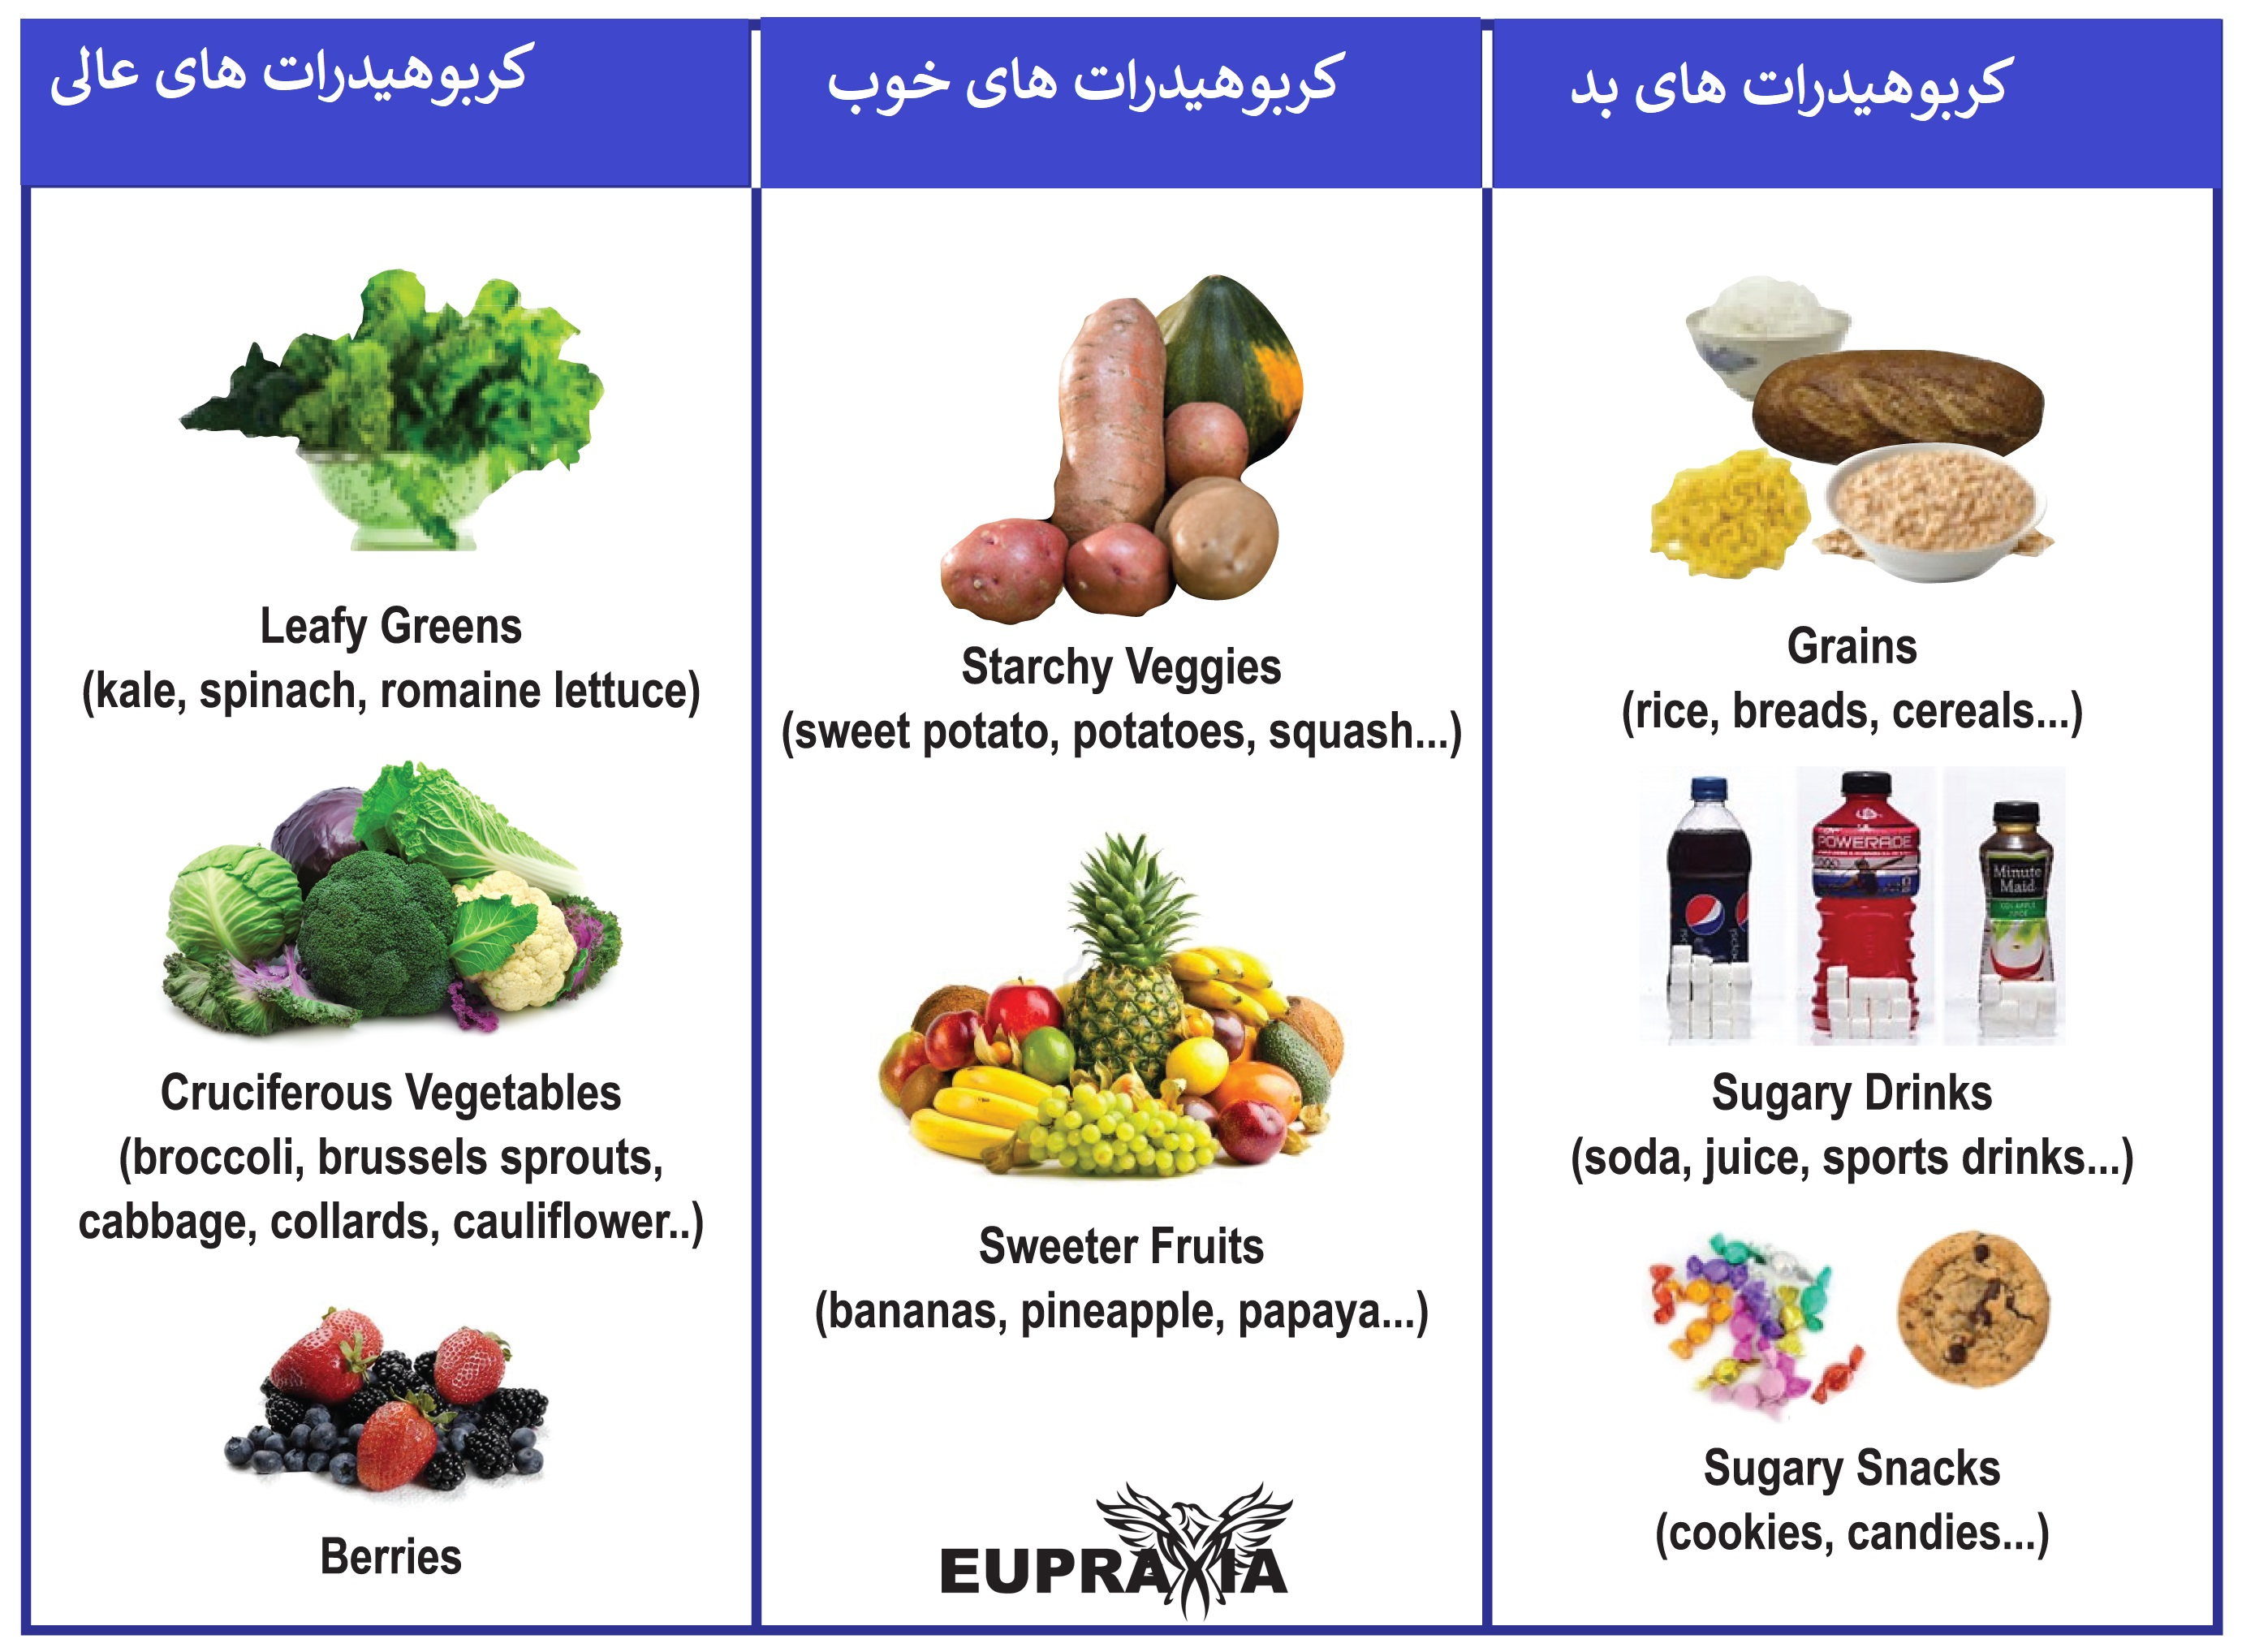 یک تولید کننده محتوا باید کربوهیدرات های خوب و عالی بخوردیک تولید کننده محتوا باید کربوهیدرات های خوب و عالی بخورد